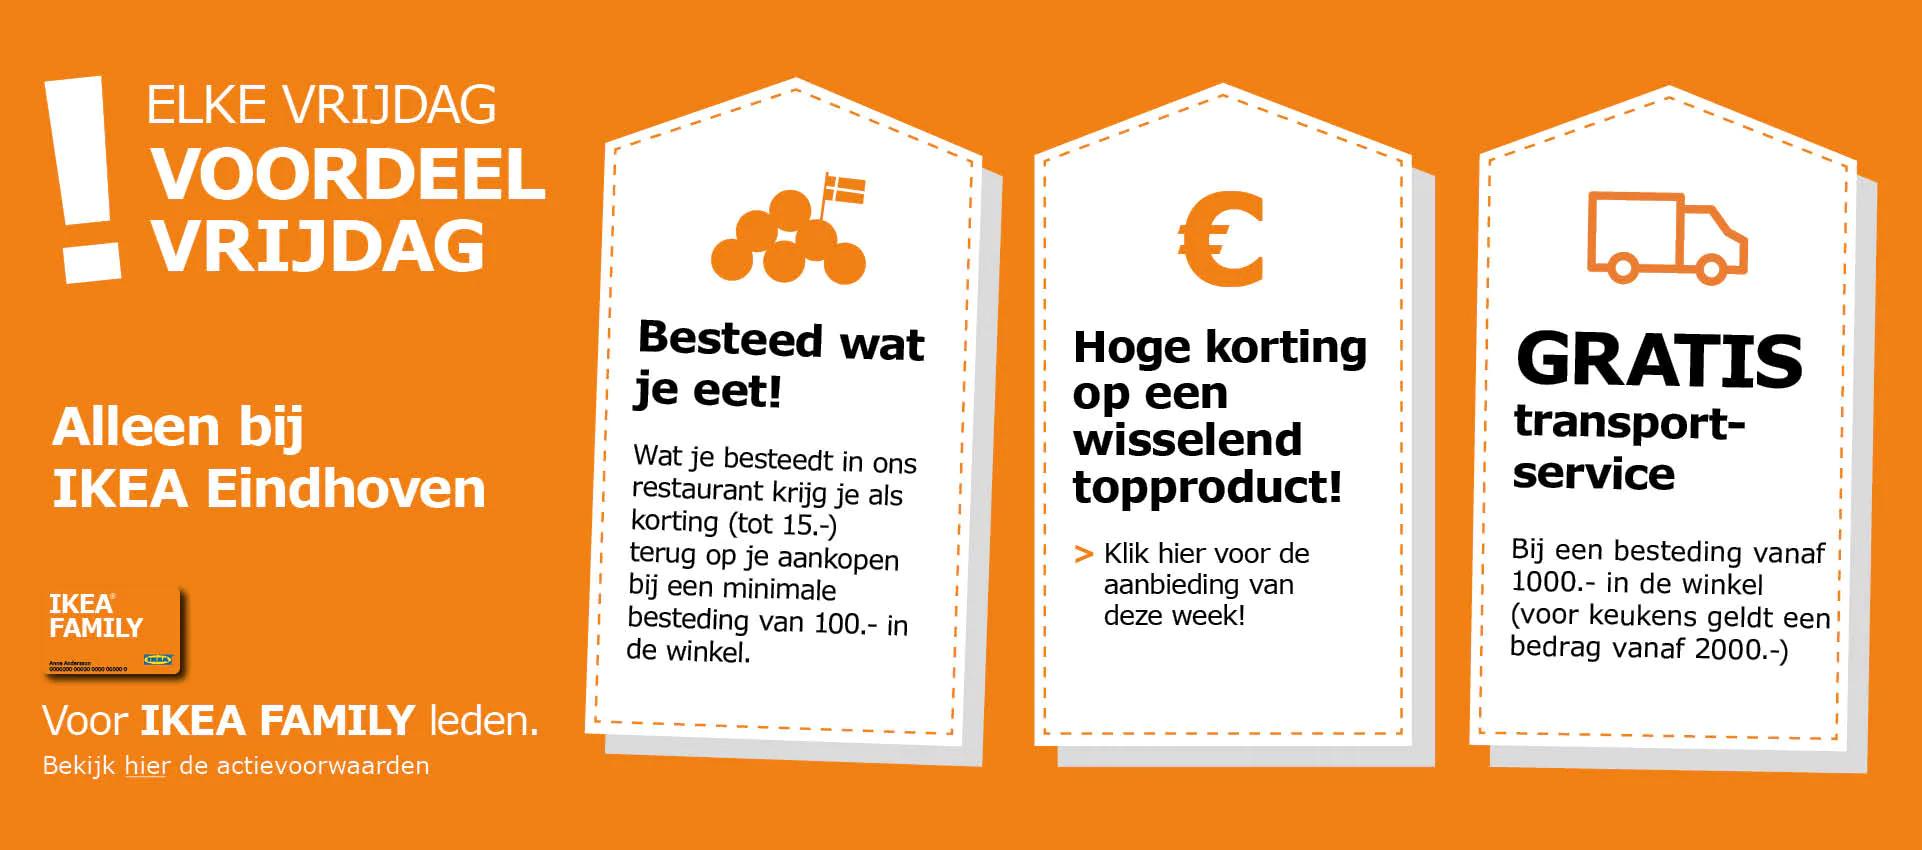 Ikea Eindhoven: 'Op vrijdagen o.a. 'Besteed wat je eet'  Bij een minimale besteding van € 100 (maximaal € 15 korting)